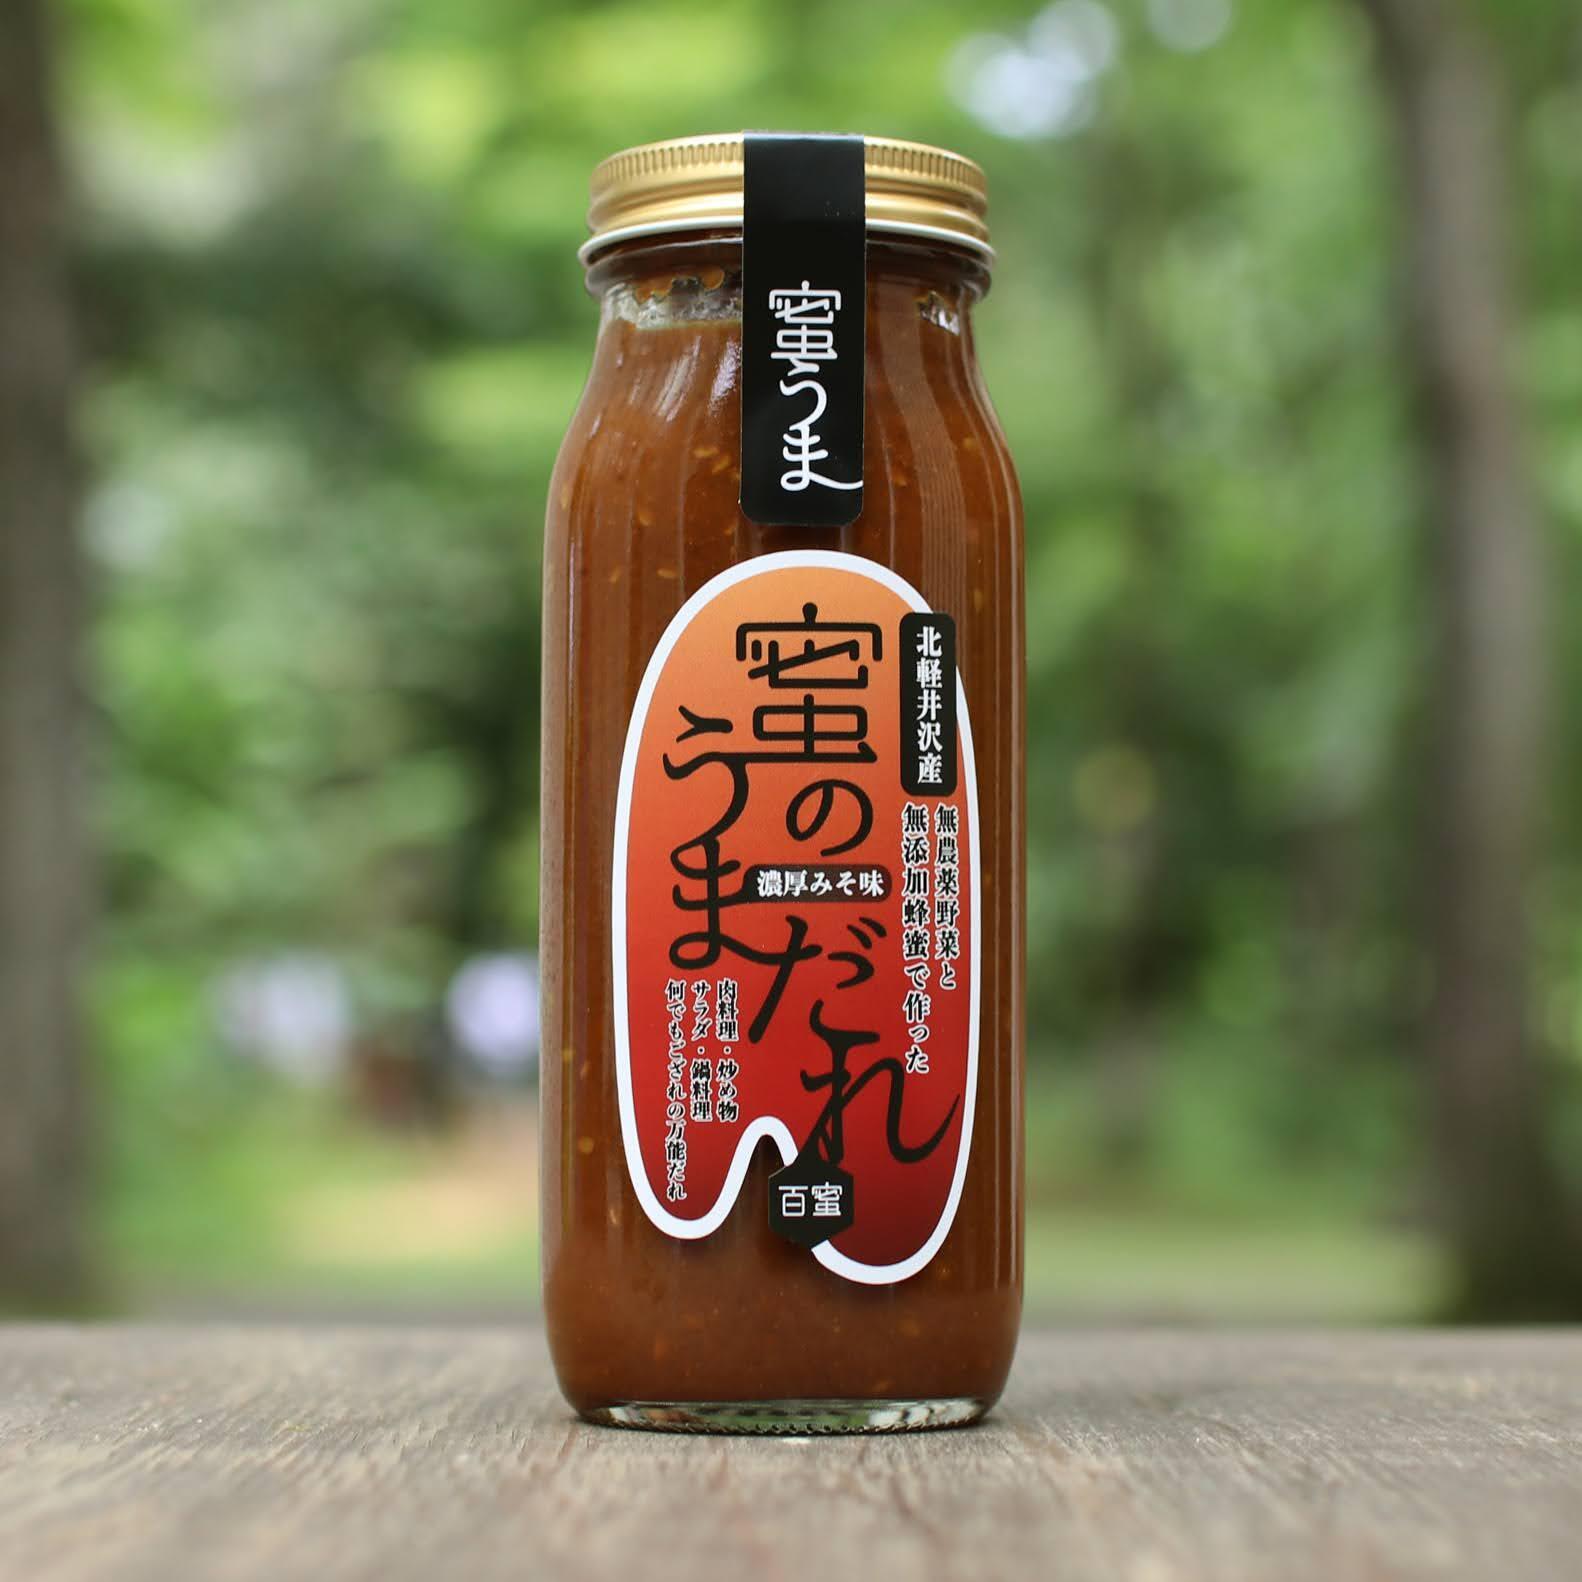 【完売!来季入荷は7月頃を予定】蜜のうまだれ 濃厚みそ味